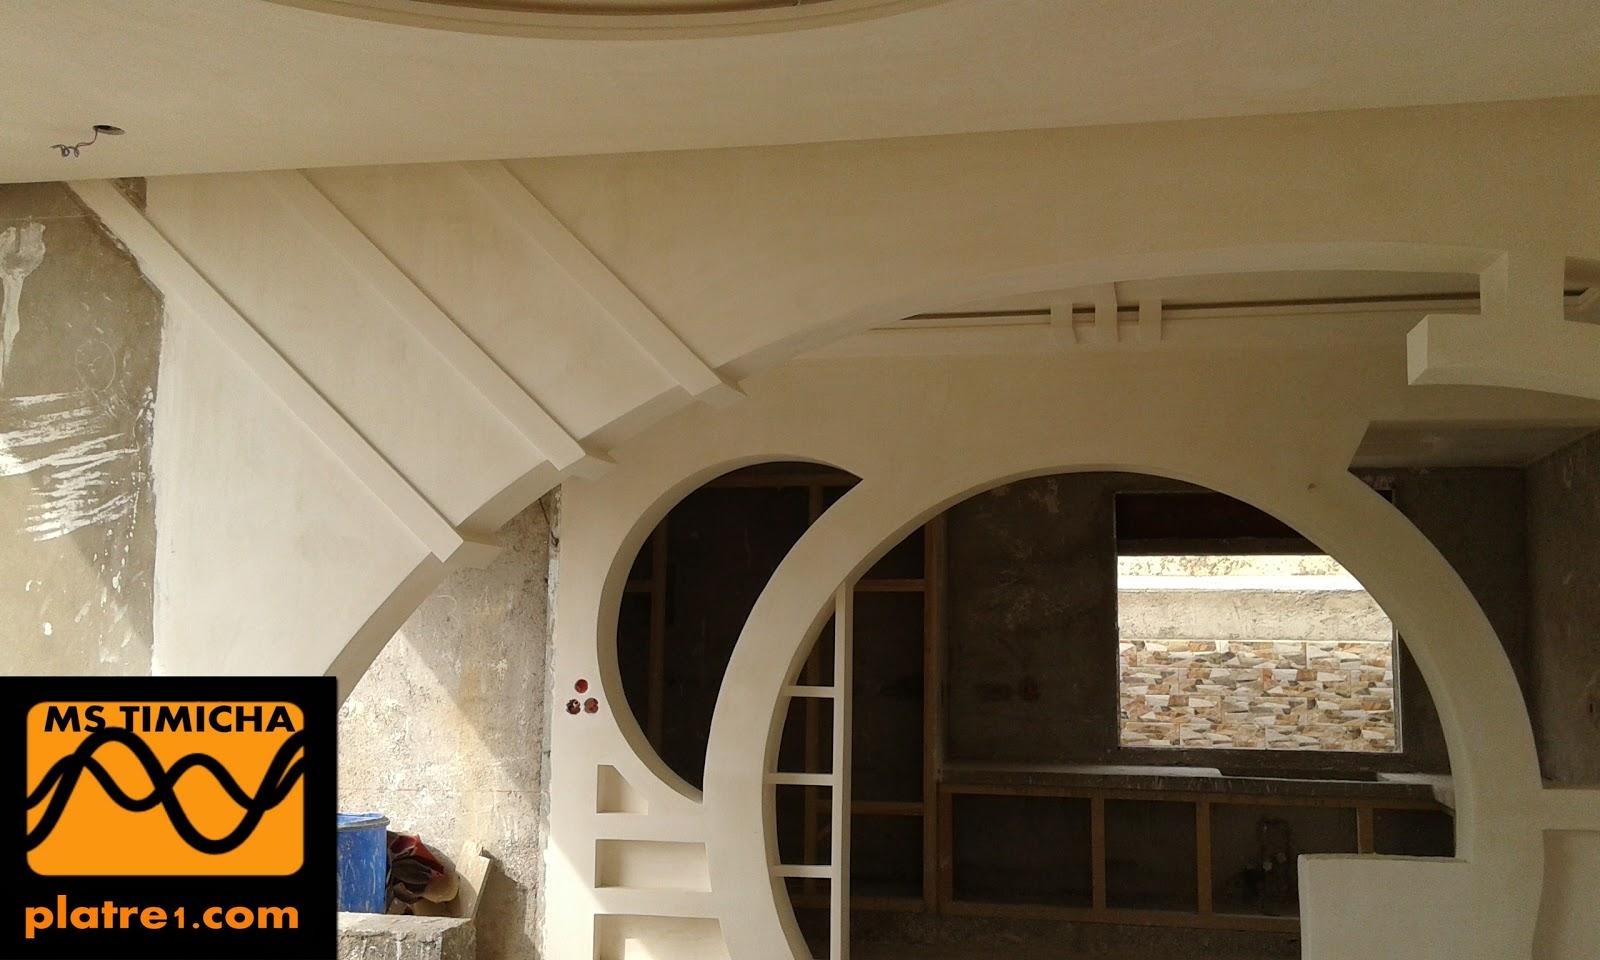 Chambre a coucher maroc for Dicor platre 2015